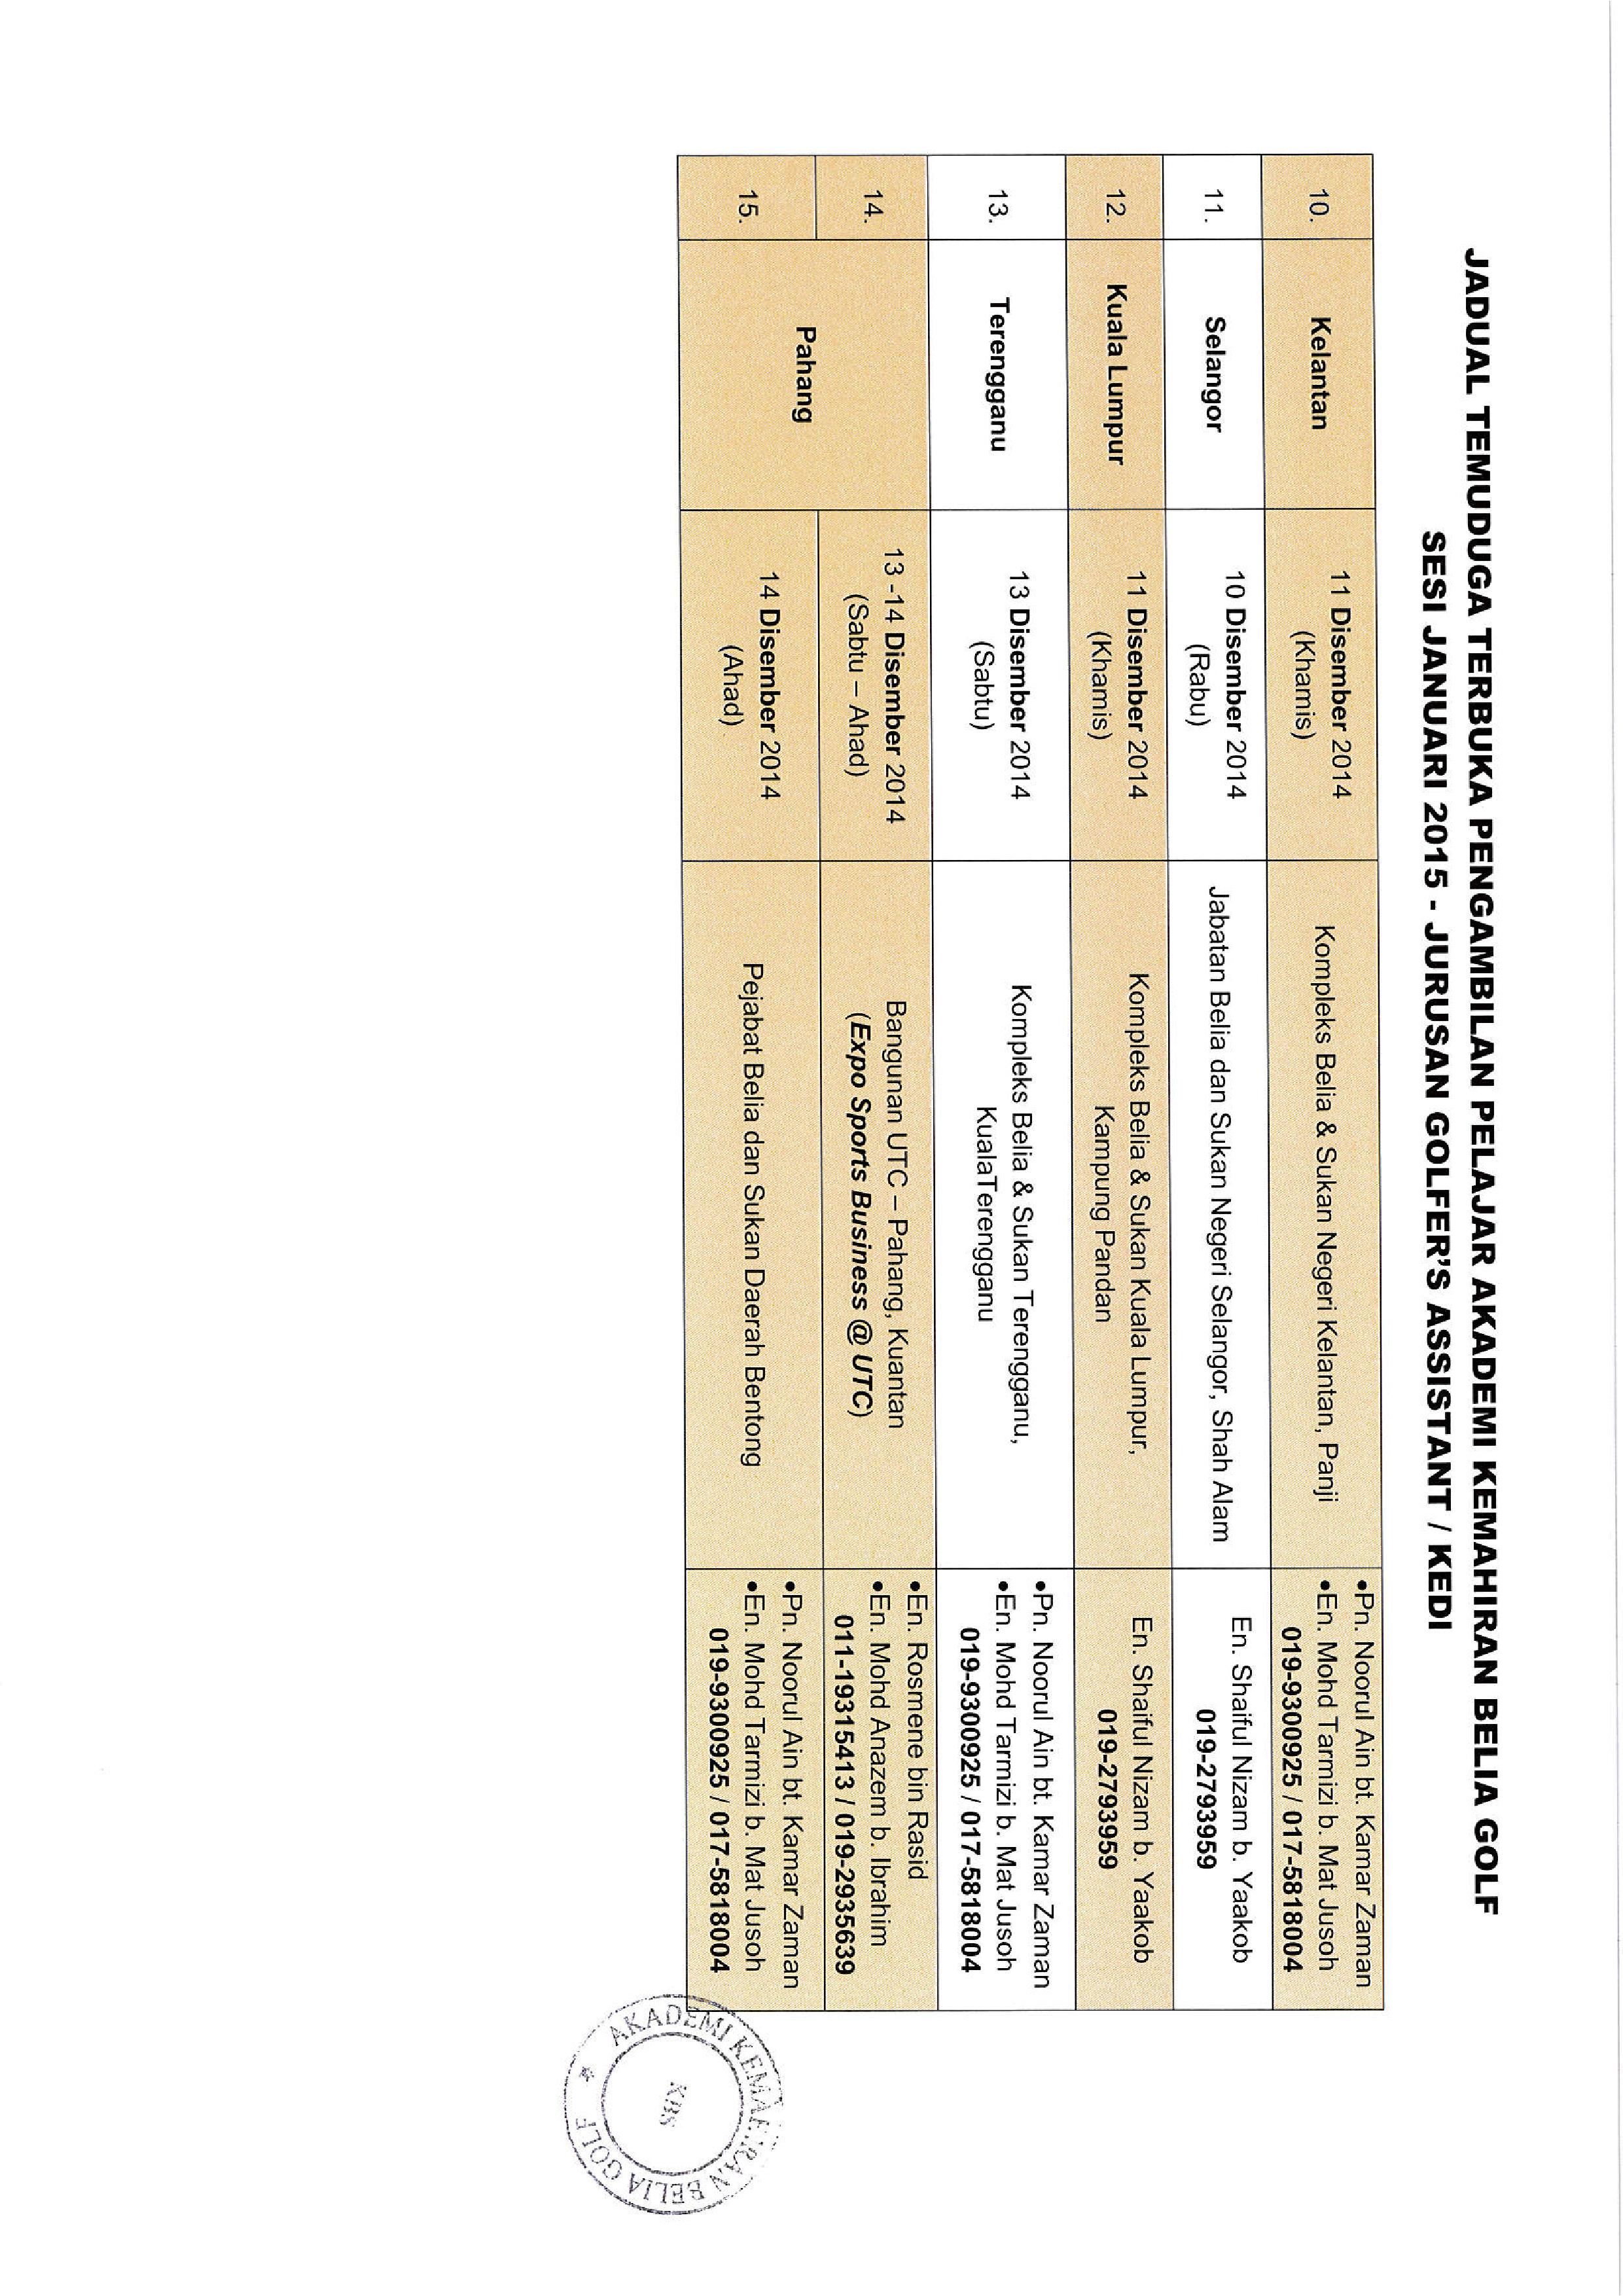 2.Jadual TERBARU Temuduga Pengambilan Pelajar AKBG Jan 2015